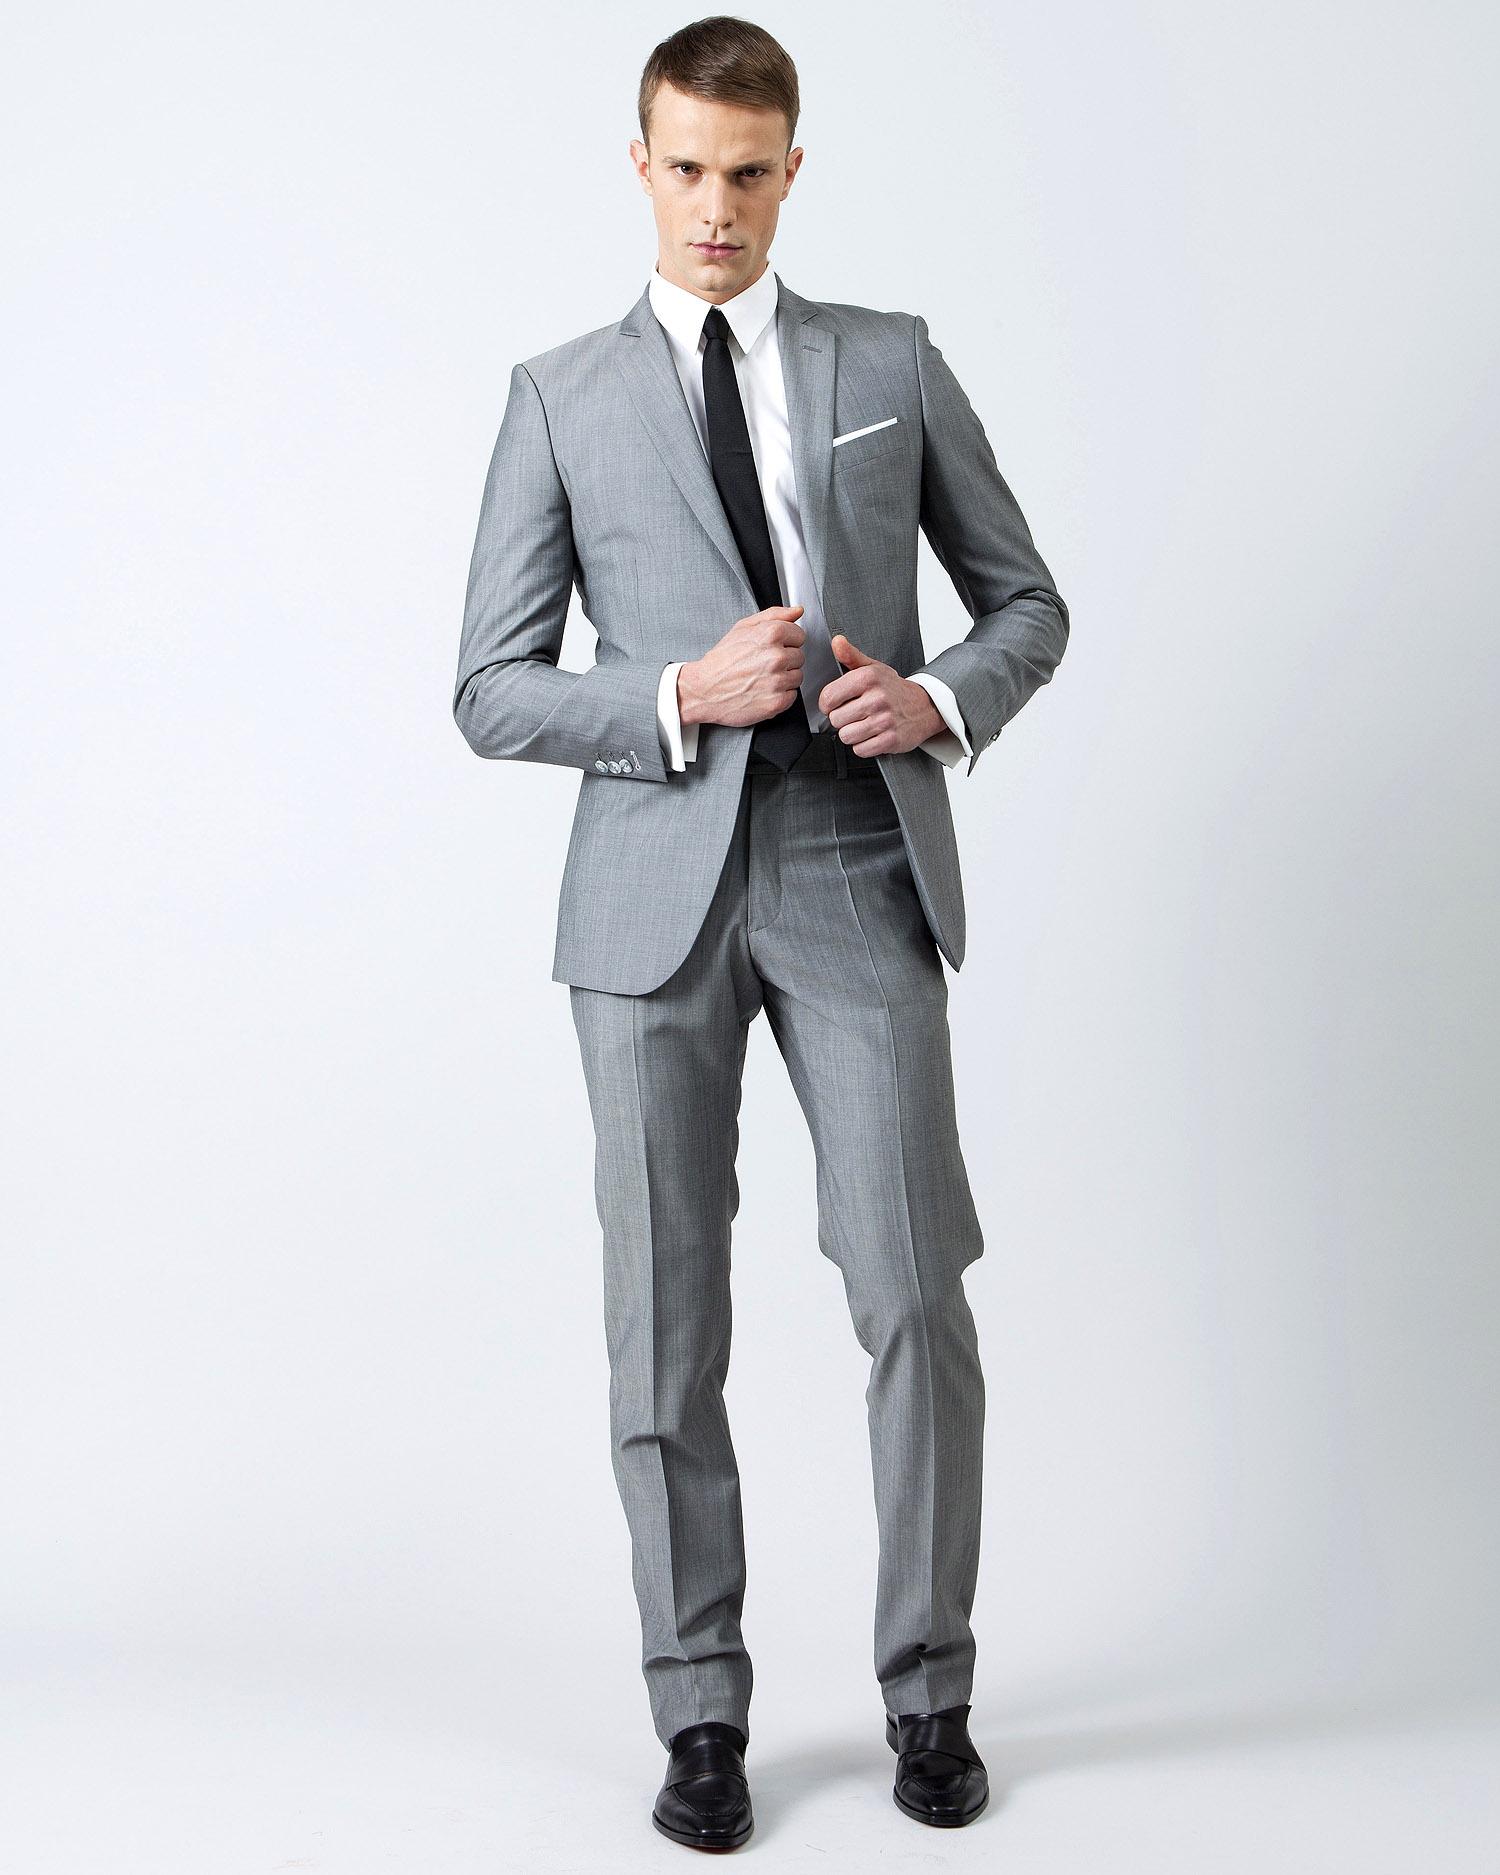 costume de mariage 5 styles d cal sles t le blog de r f rence des t moins de mariage. Black Bedroom Furniture Sets. Home Design Ideas